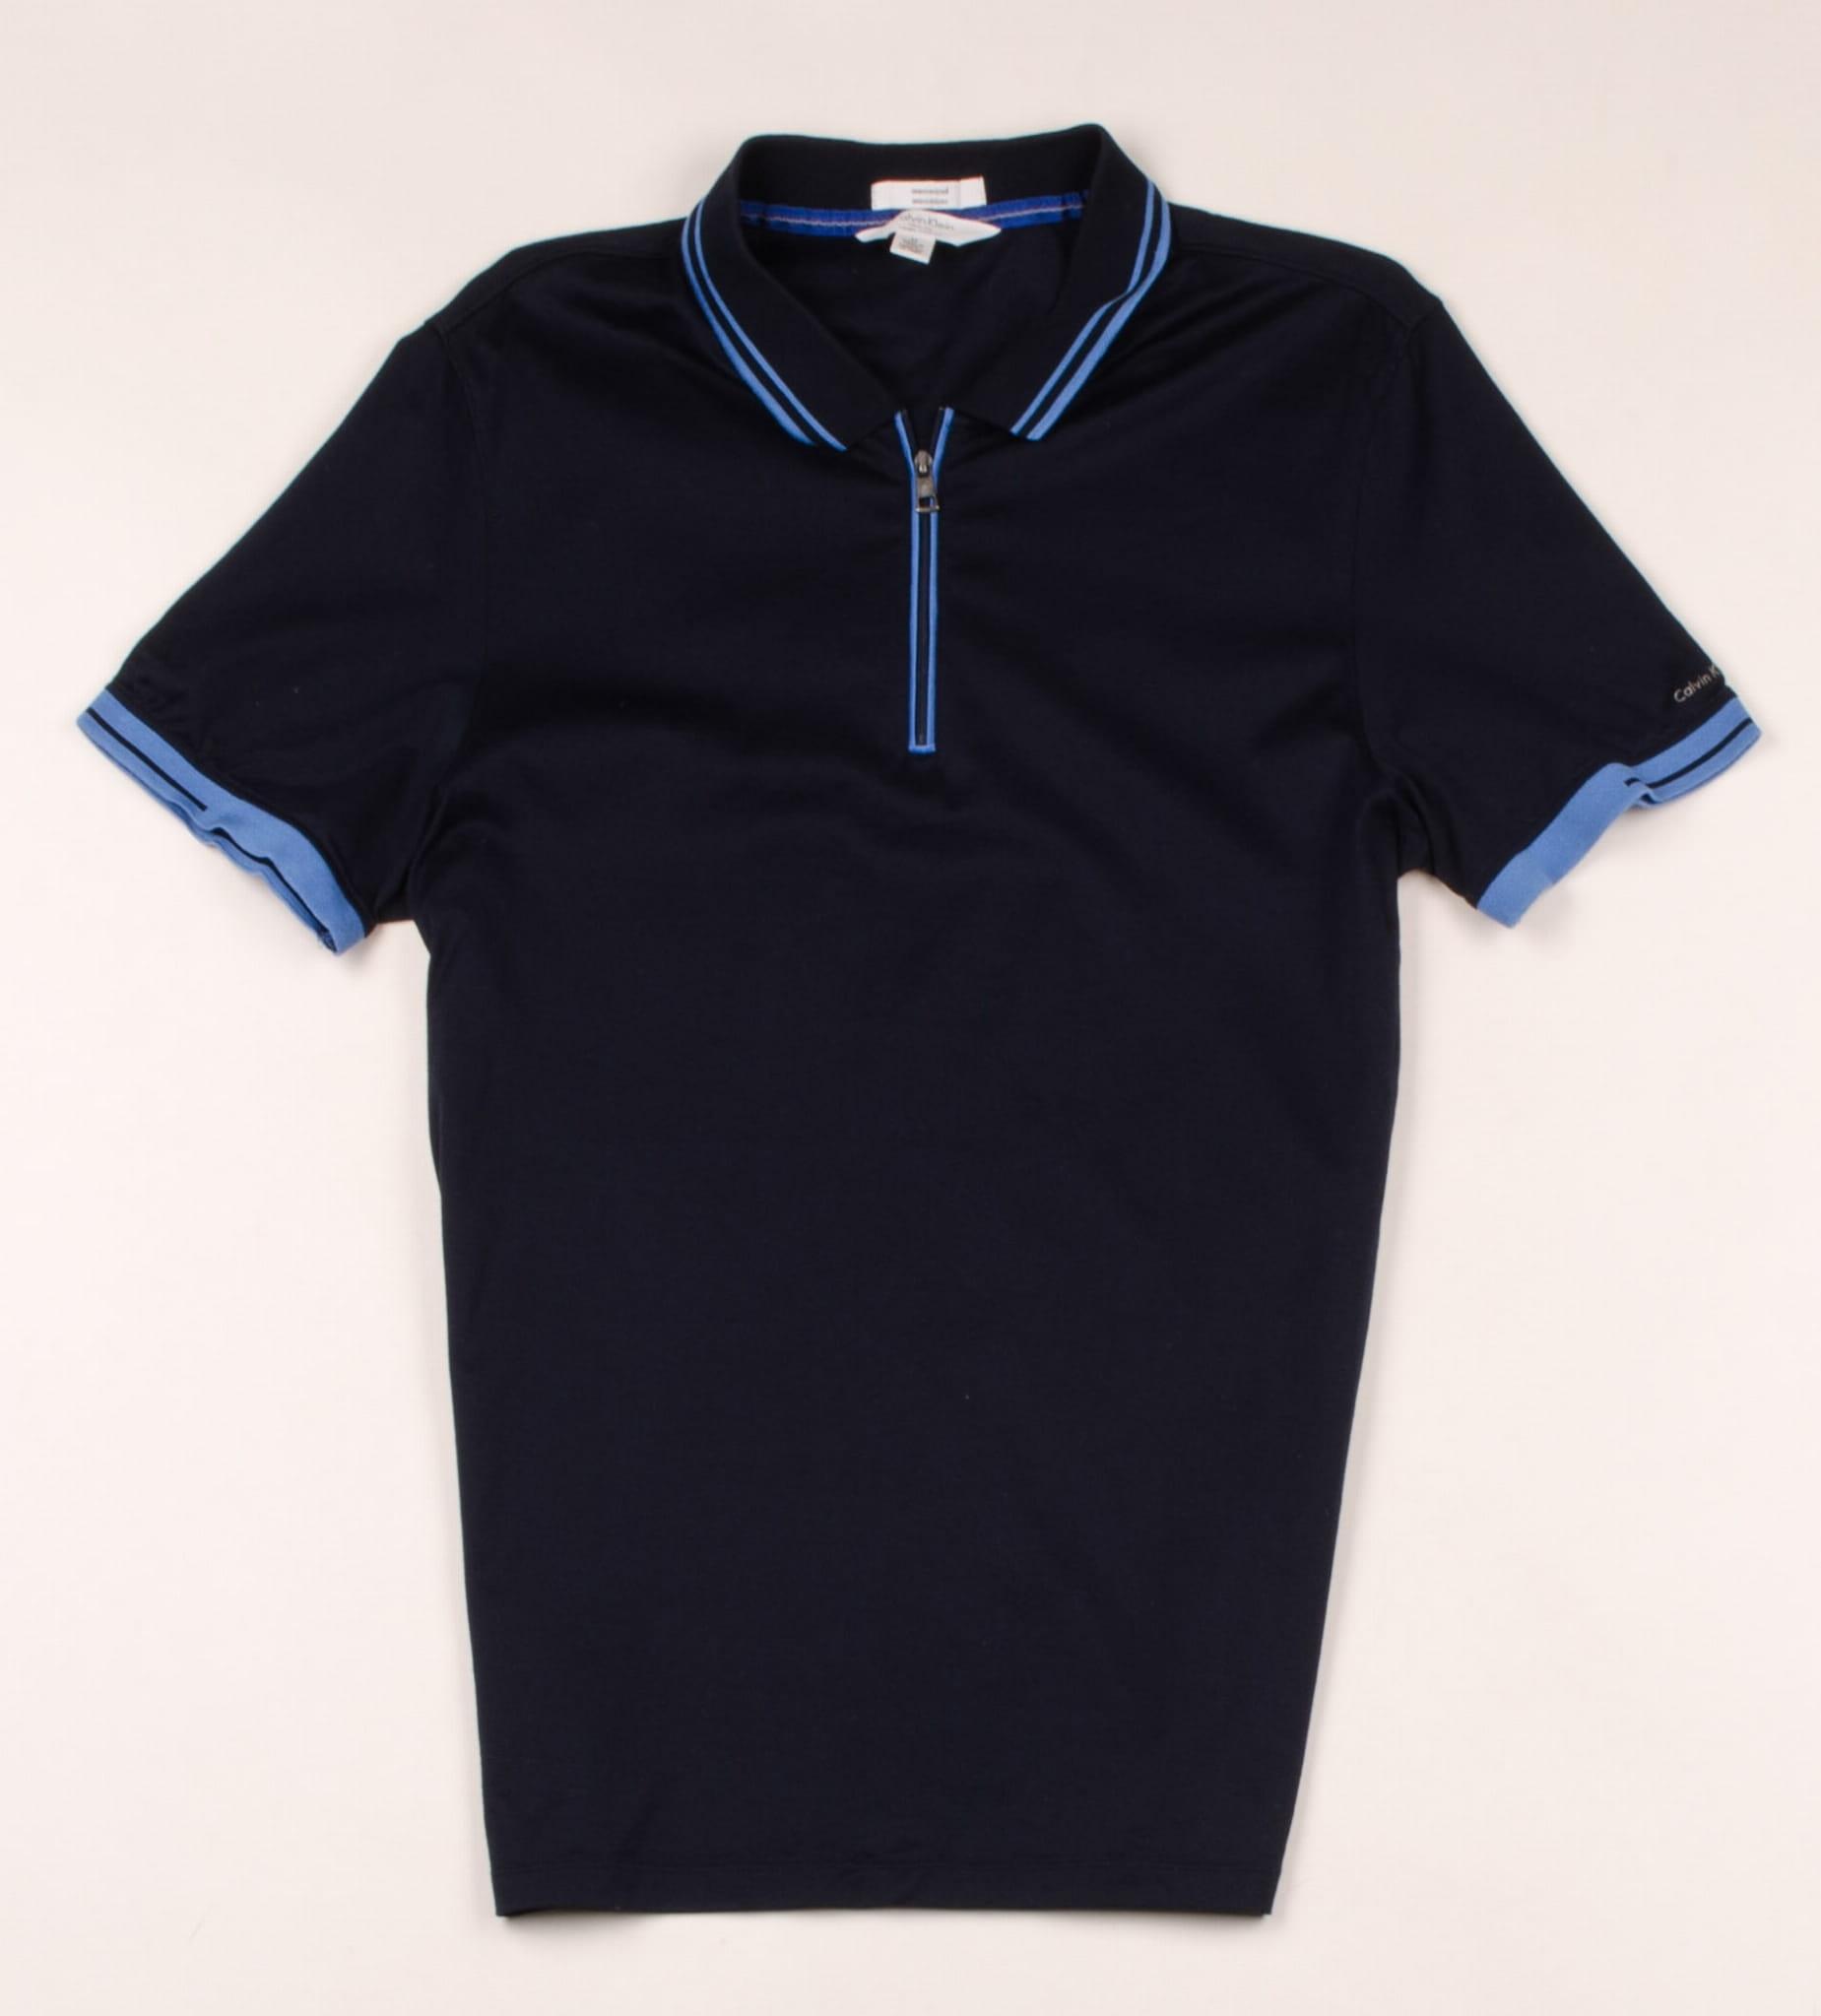 36457 Calvin Klein Koszulka Polo Męska M